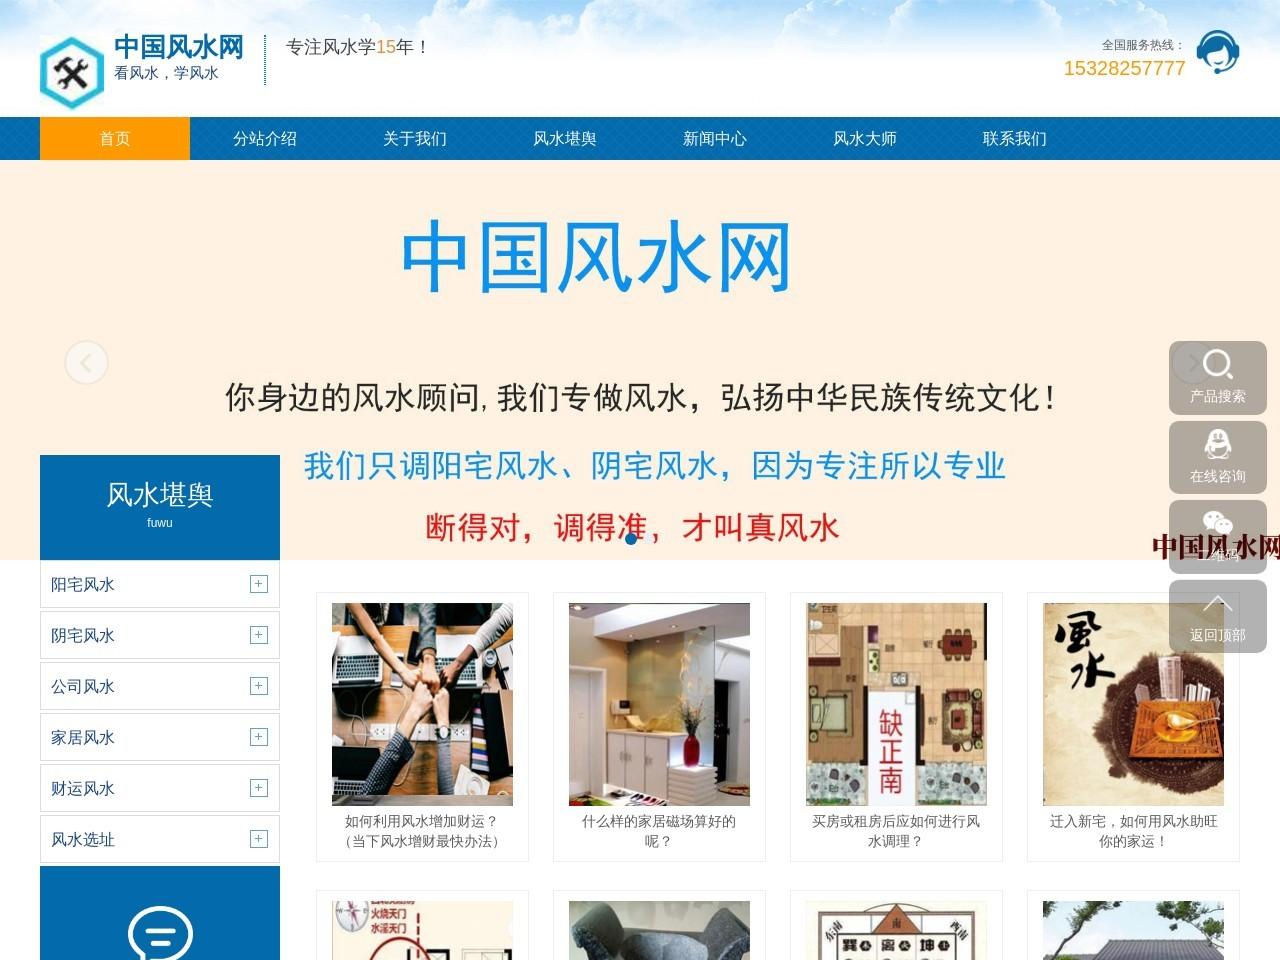 中国风水网_住宅风水知识